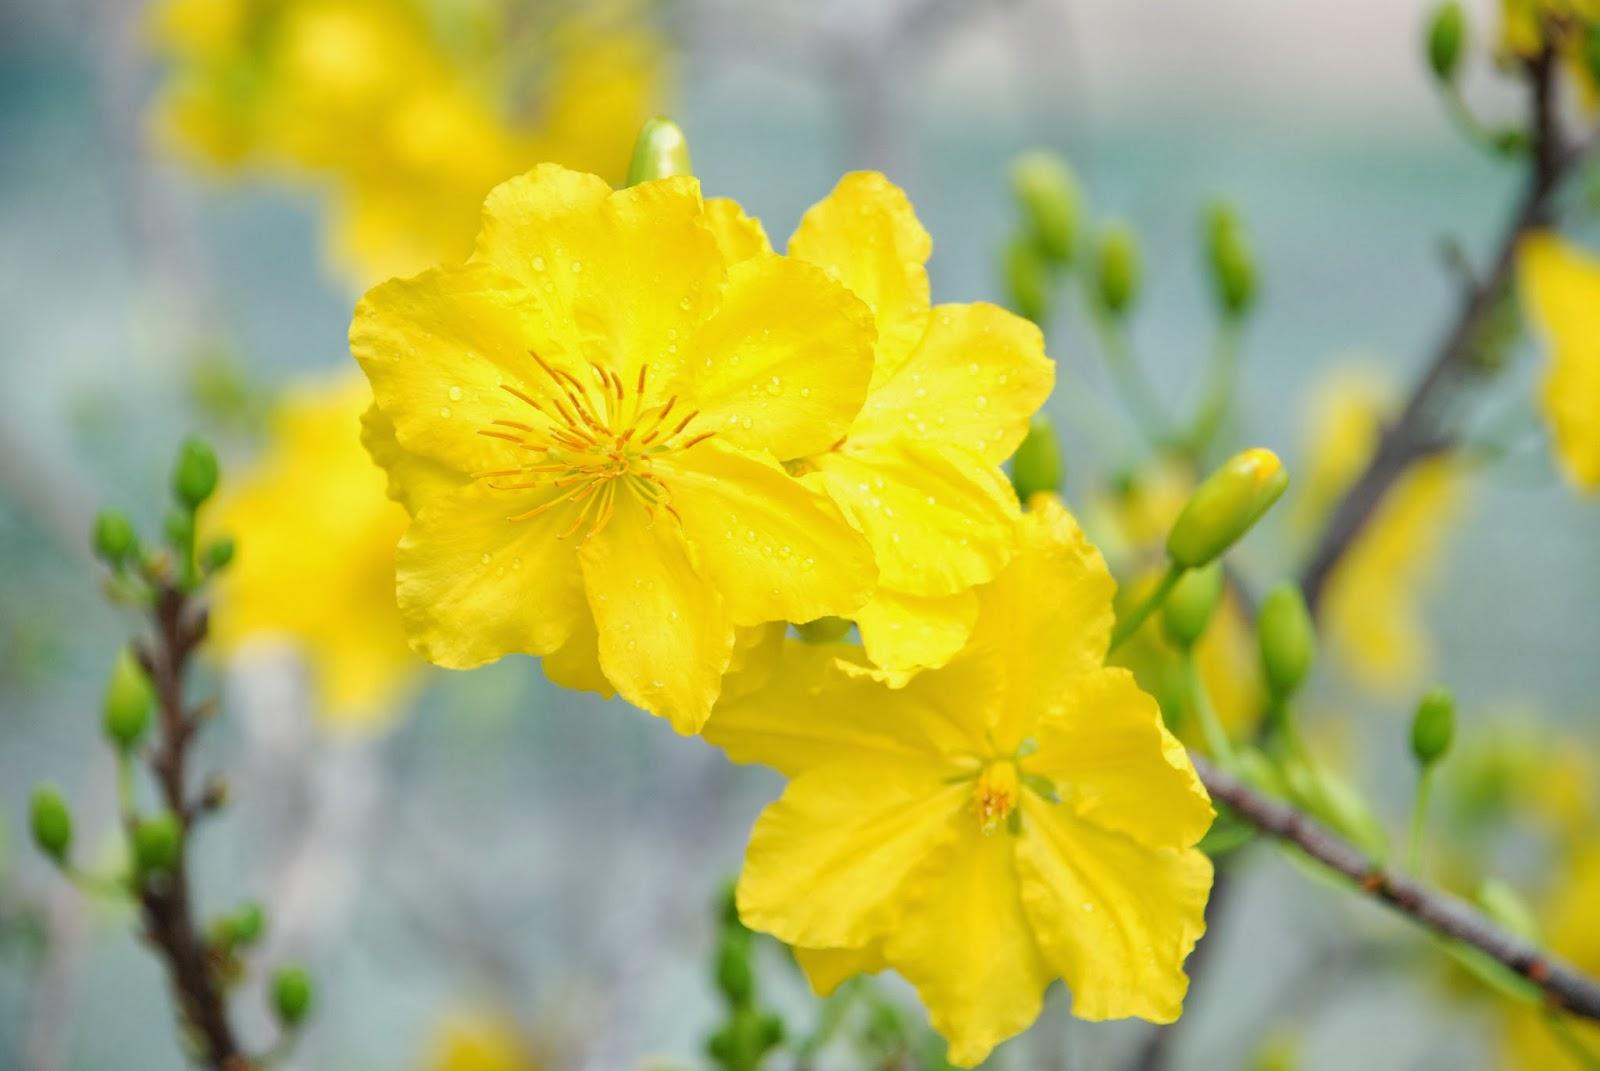 Những hình ảnh đẹp về mùa xuân | Ảnh hoa mai hoa đào